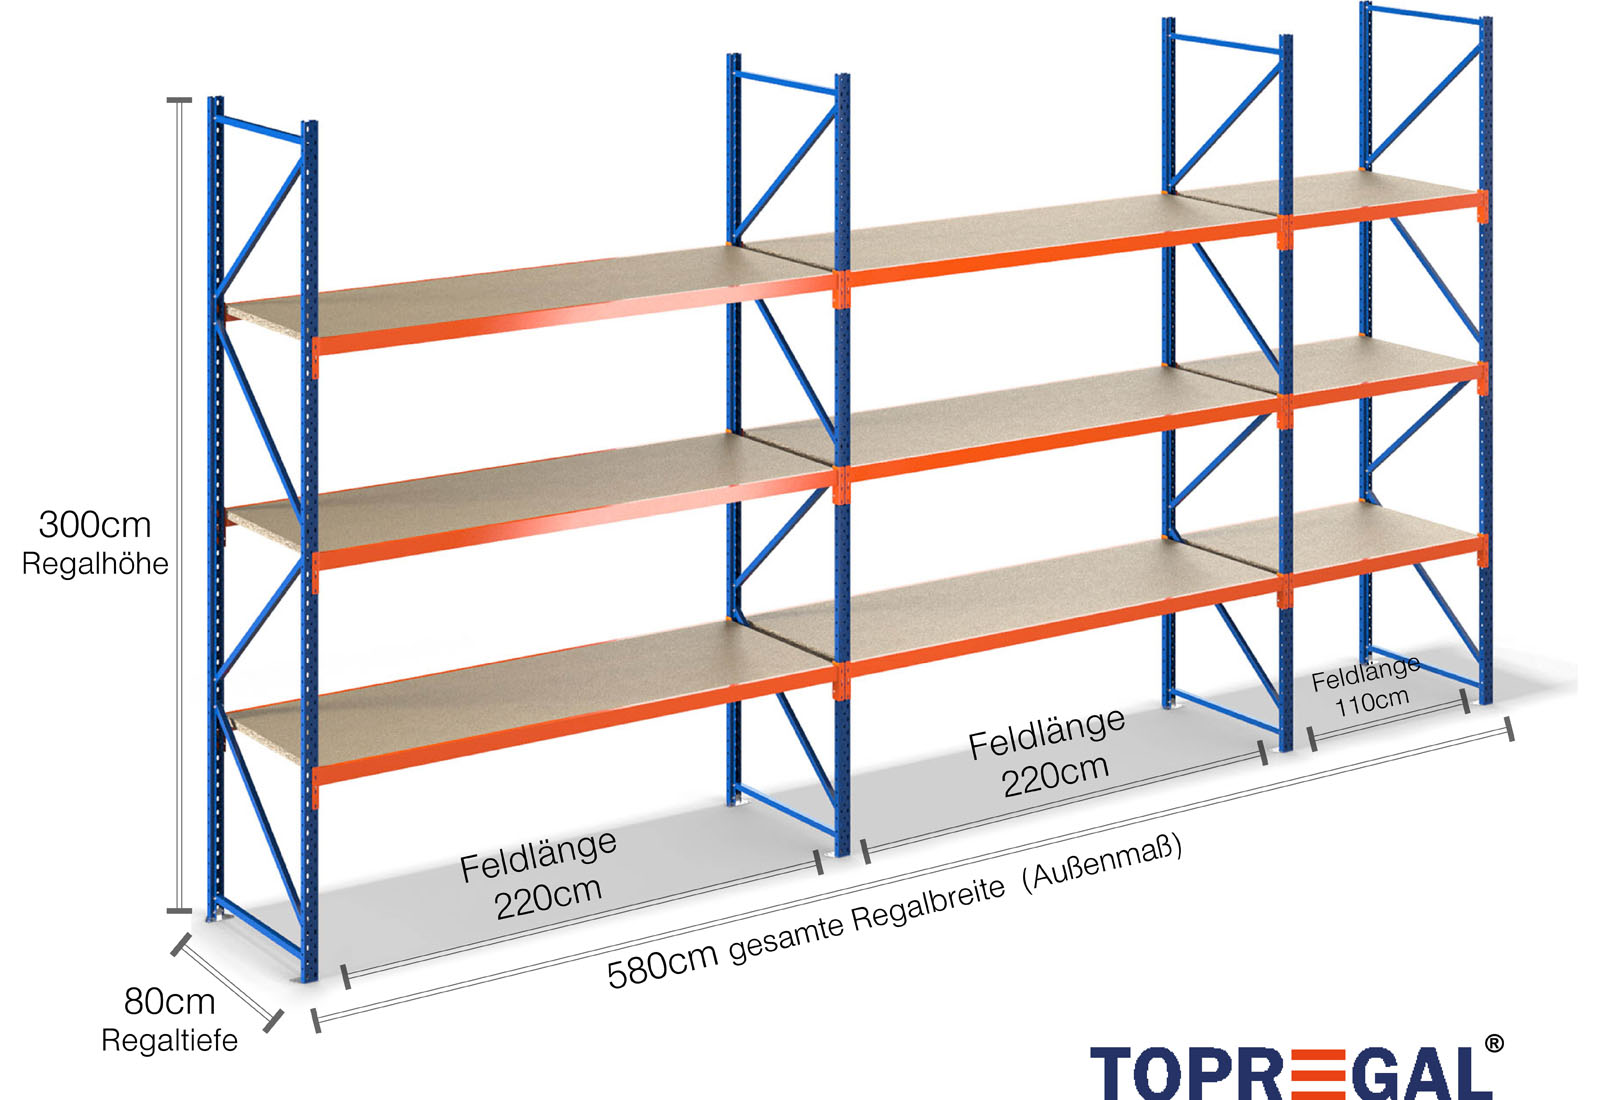 5 8m lagerregal 300cm hoch 80cm tief mit 3 ebenen inkl for Gartenteich 80 cm tief